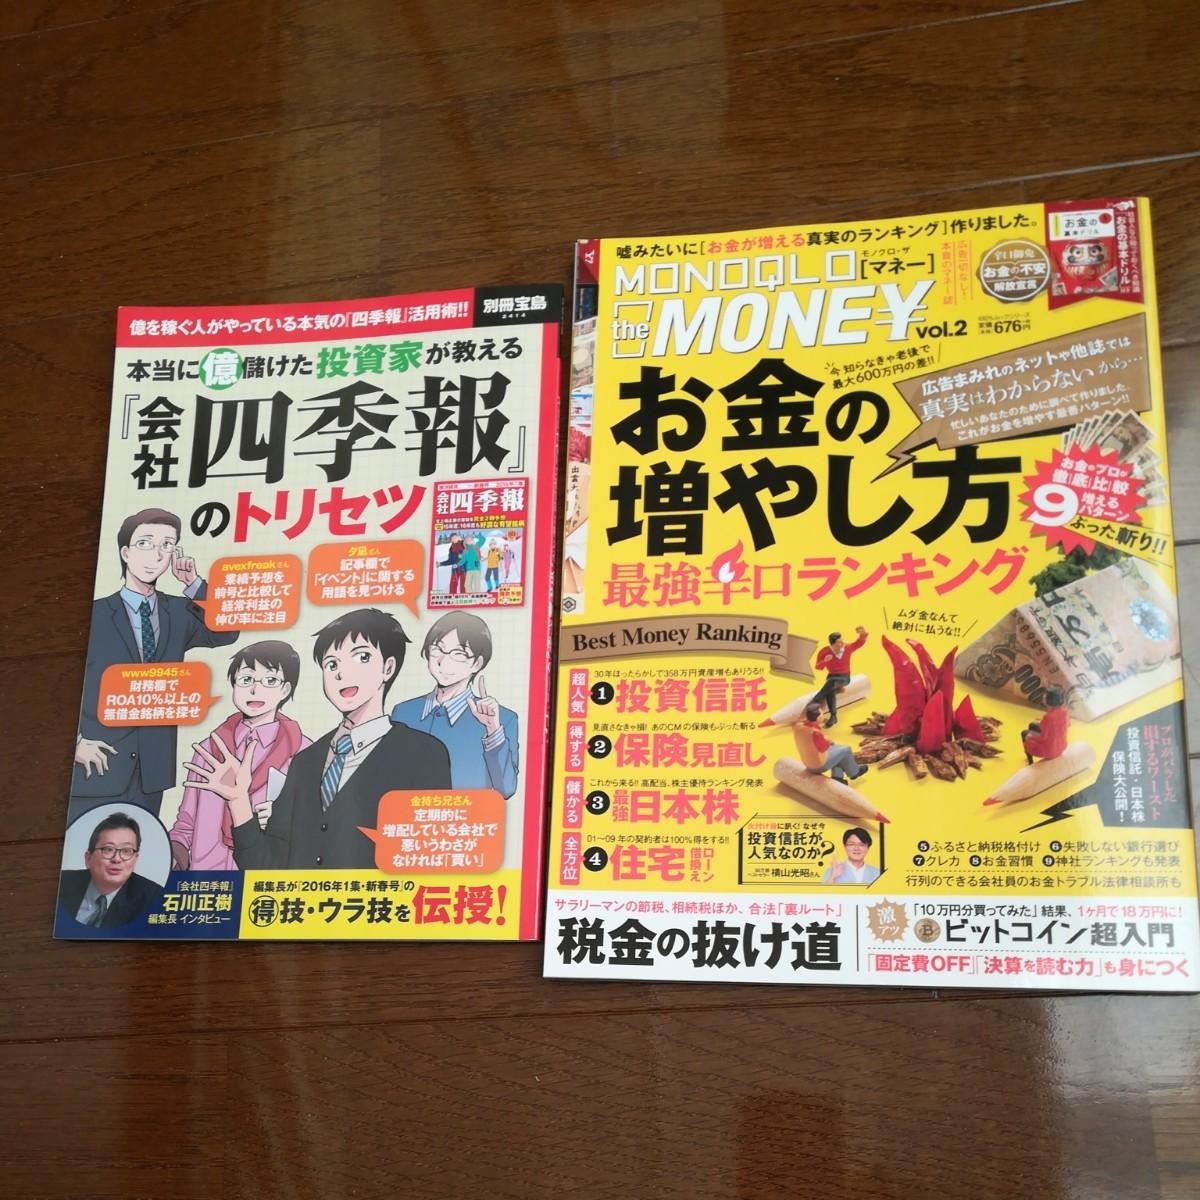 『会社四季報』のトリセツ  / MONOQLOthe MONEY vol.2